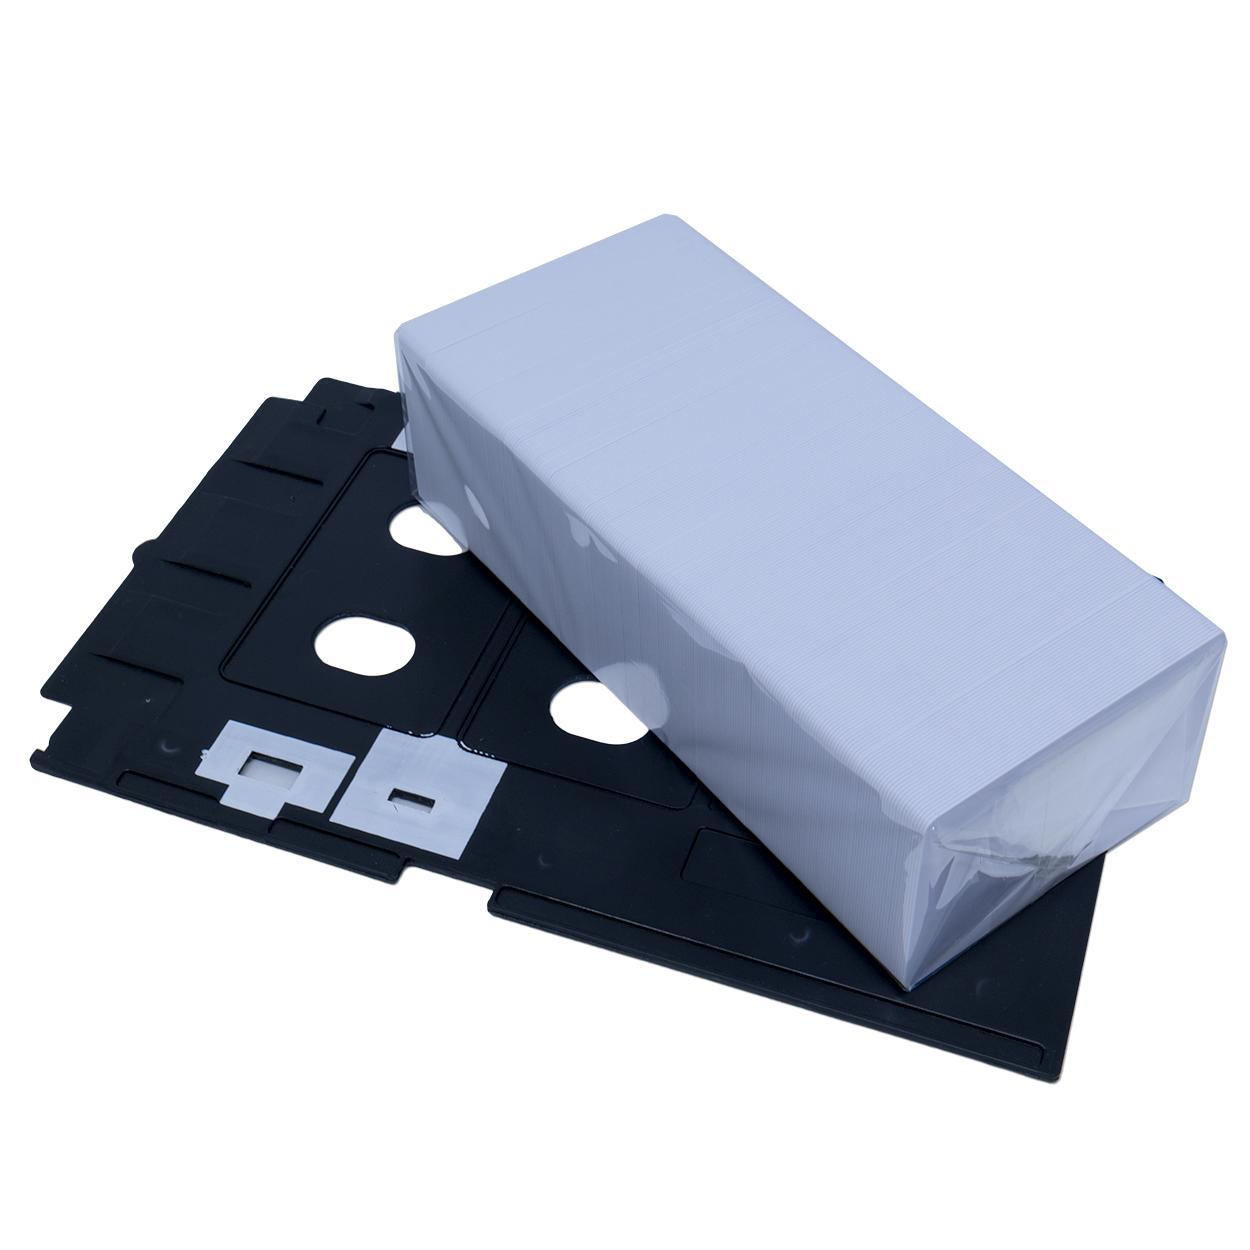 Bandeja para Cartão PVC + 230 Cartões PVC Branco